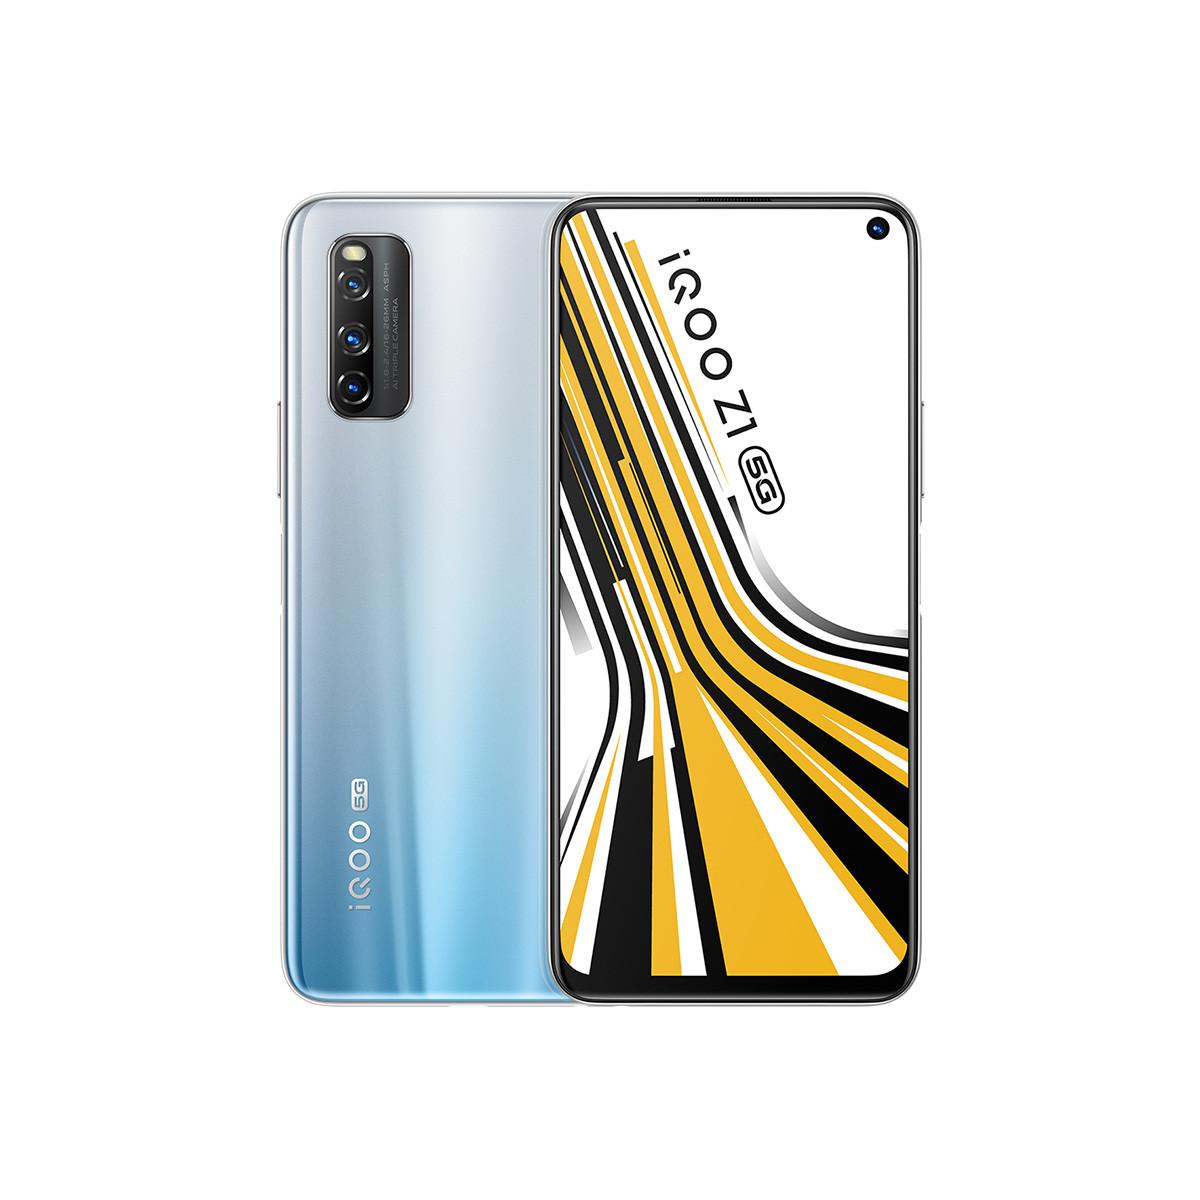 vivovivo iQOO Z1 【手环耳机套餐】游戏5g手机全网通iQOOZ1-8G-128G-星河银